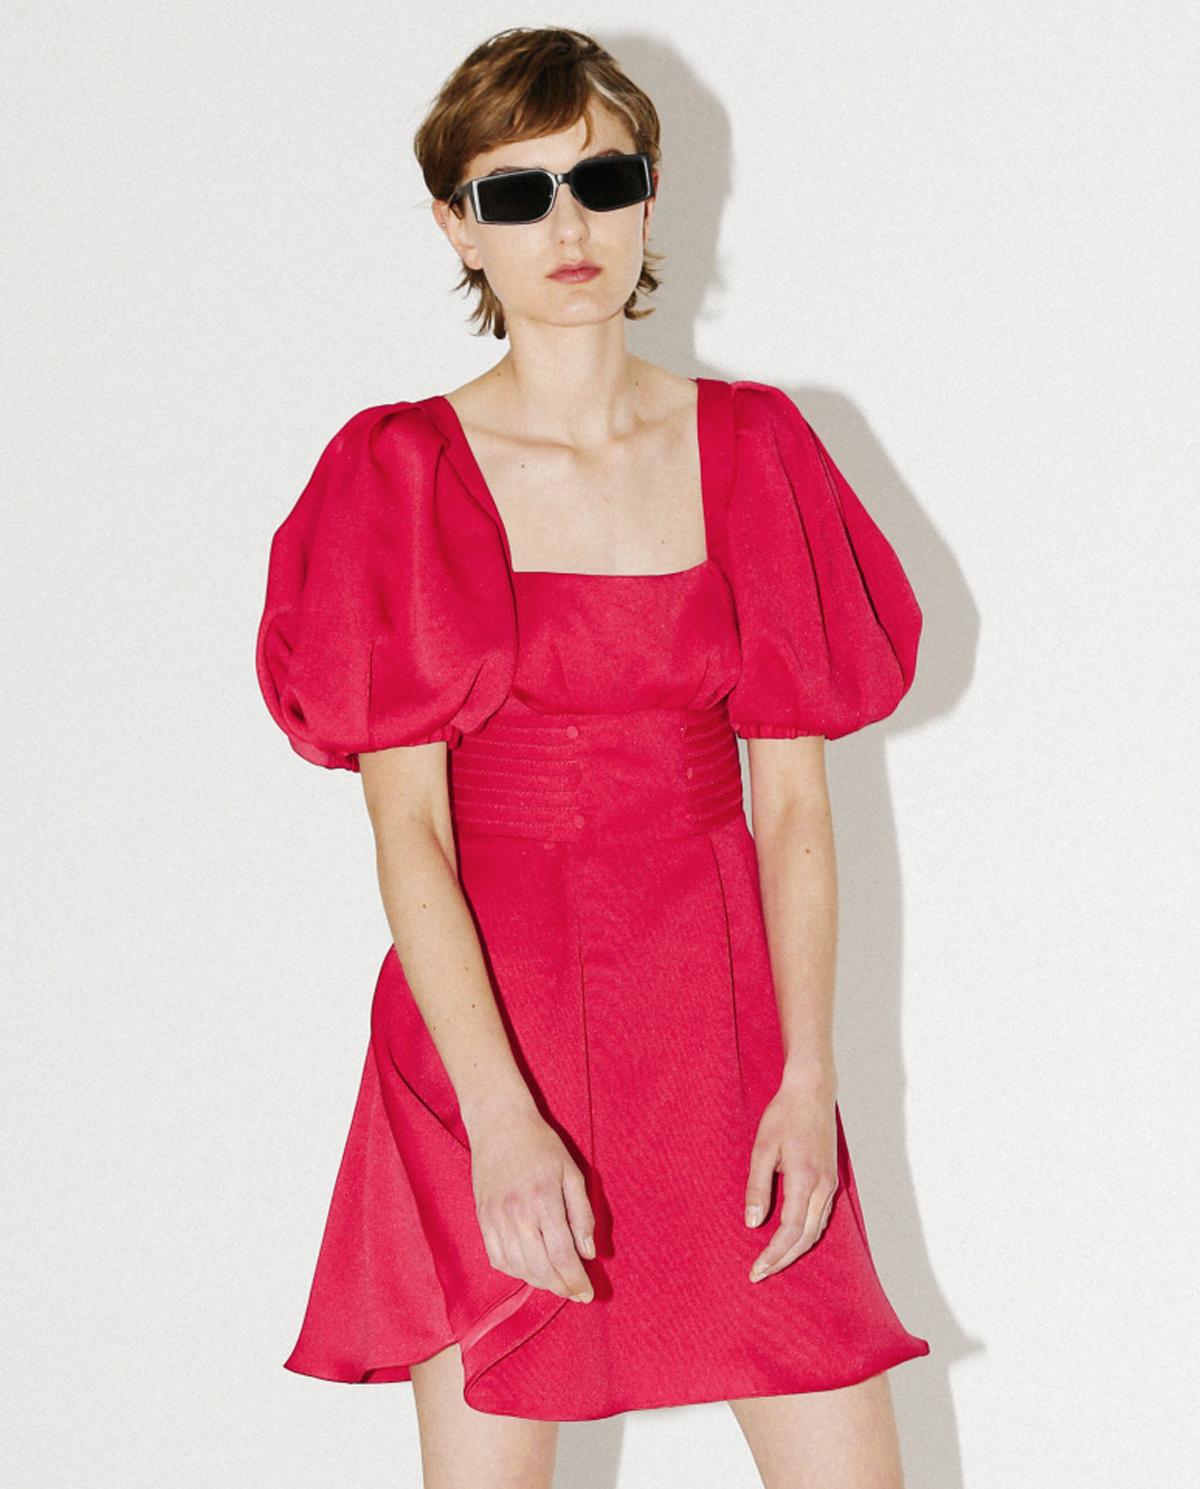 Sukienka z bufiastymi rękawami Self-portrait RS20-071 FUCHSIA